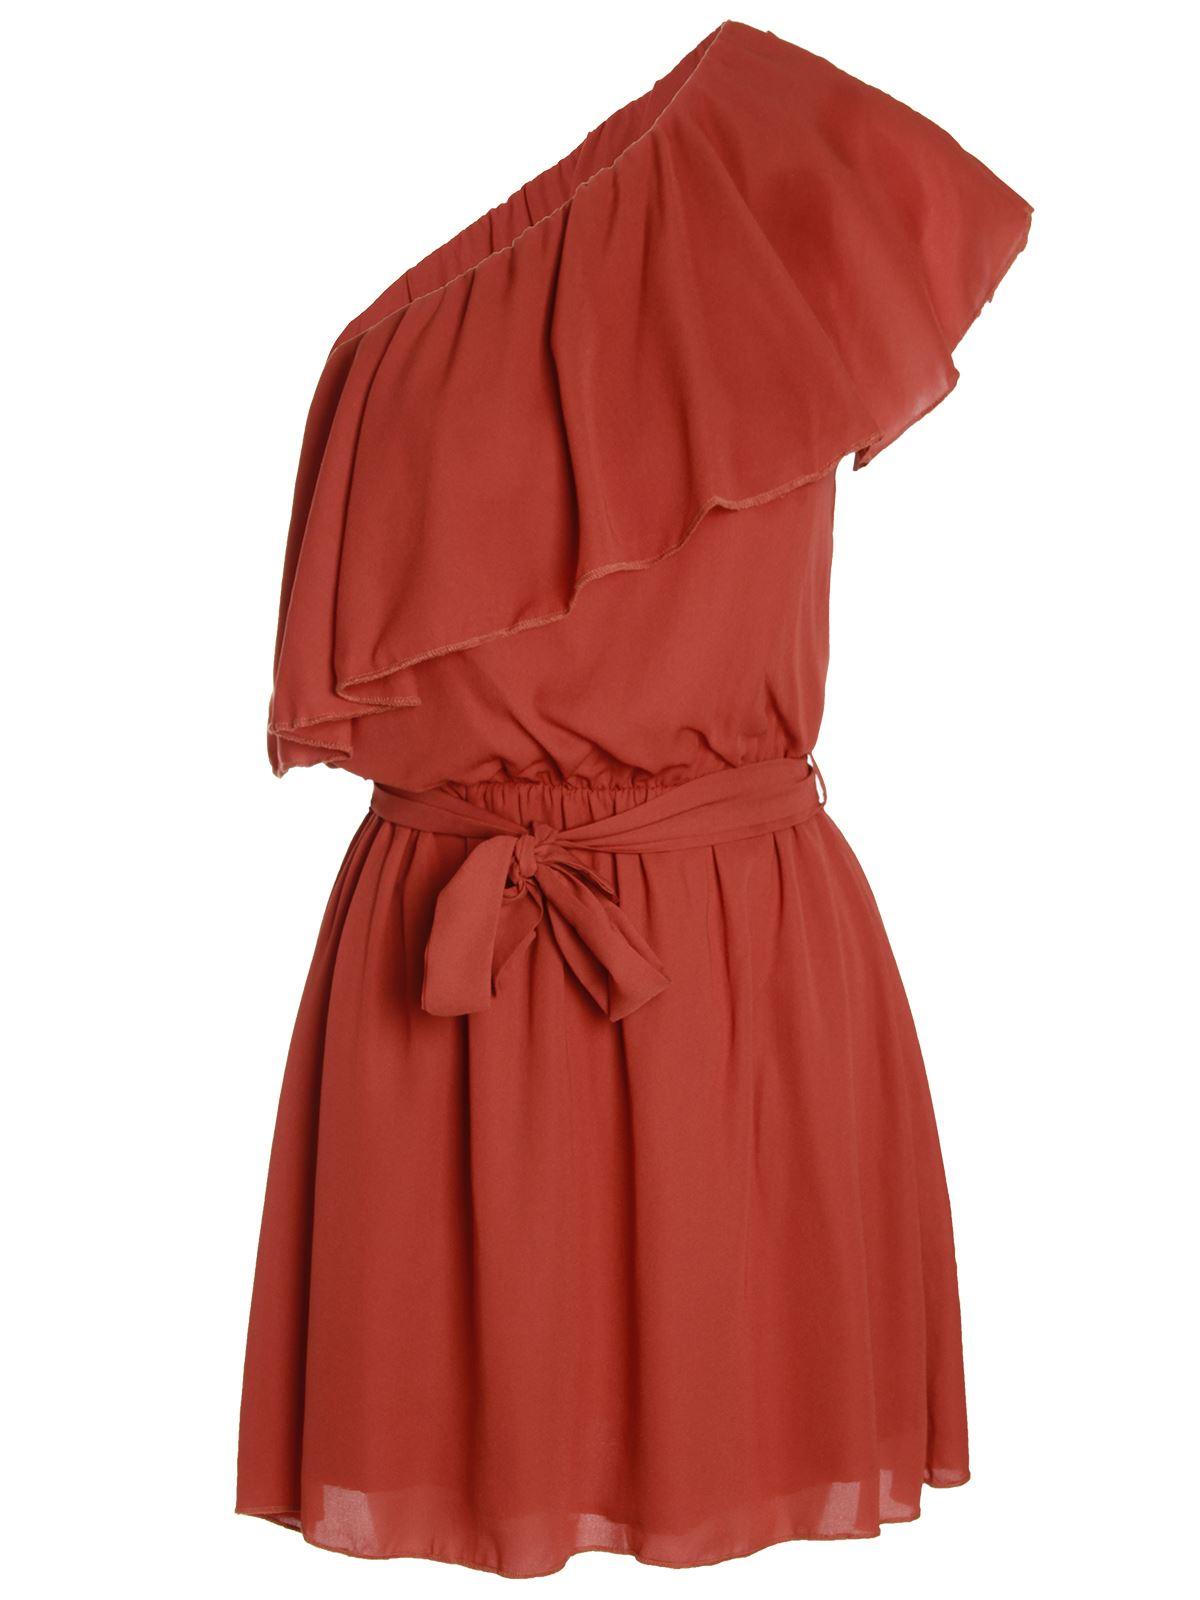 Womens-Ladies-One-Shoulder-Frill-Top-Retro-Vintage-Chiffon-Dress-Grecian-Gypsy